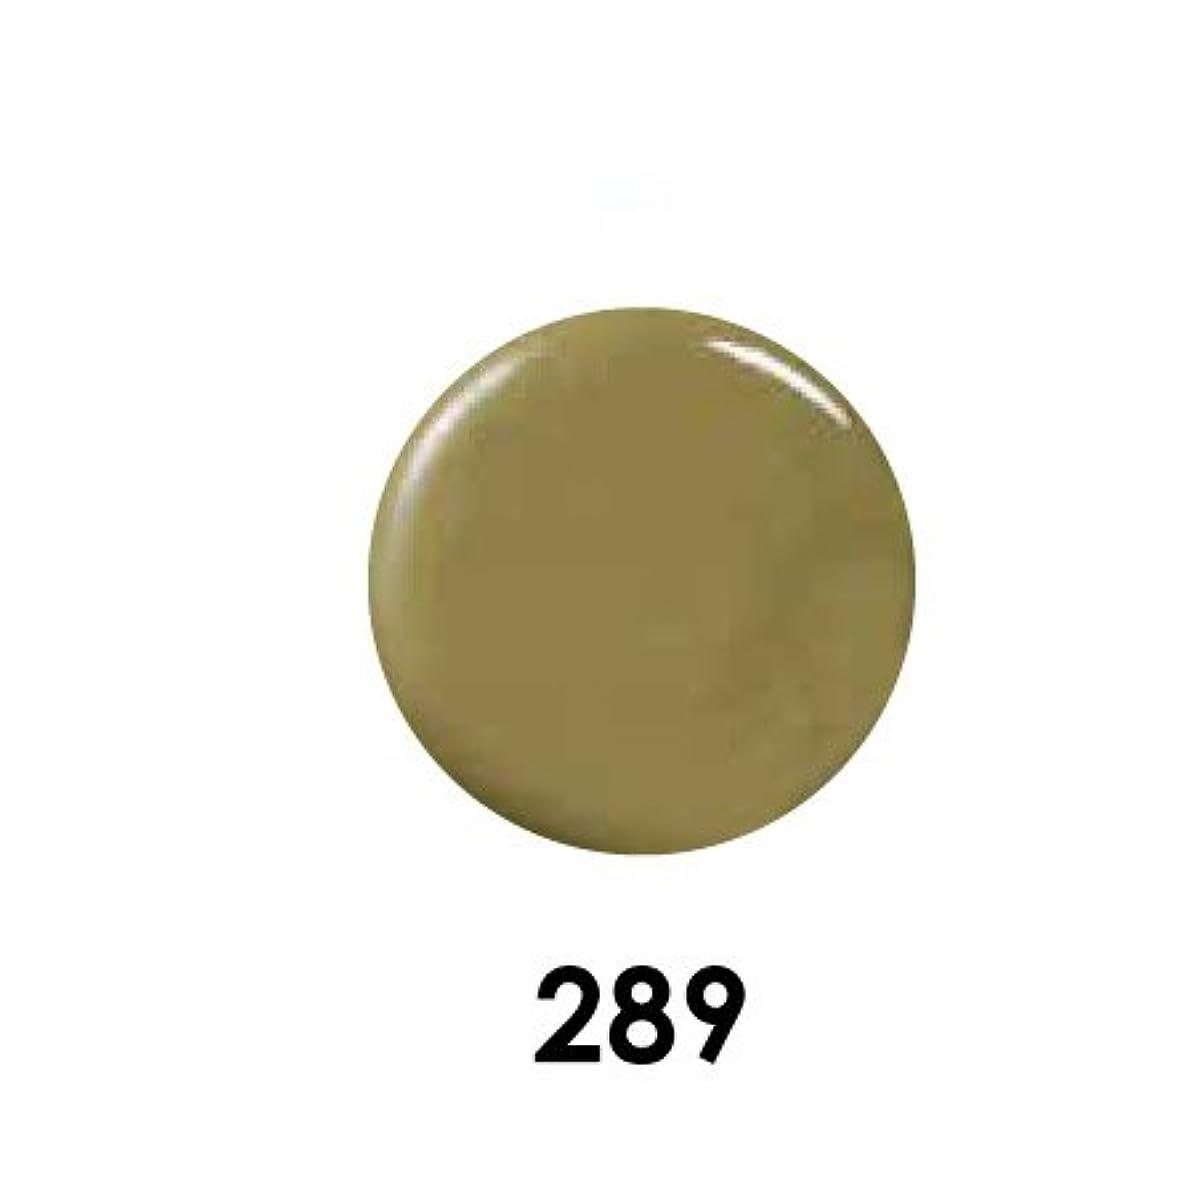 残忍なキリスト教ドットPutiel プティール カラージェル 289 シダーウッド 2g (NAGISAプロデュース)